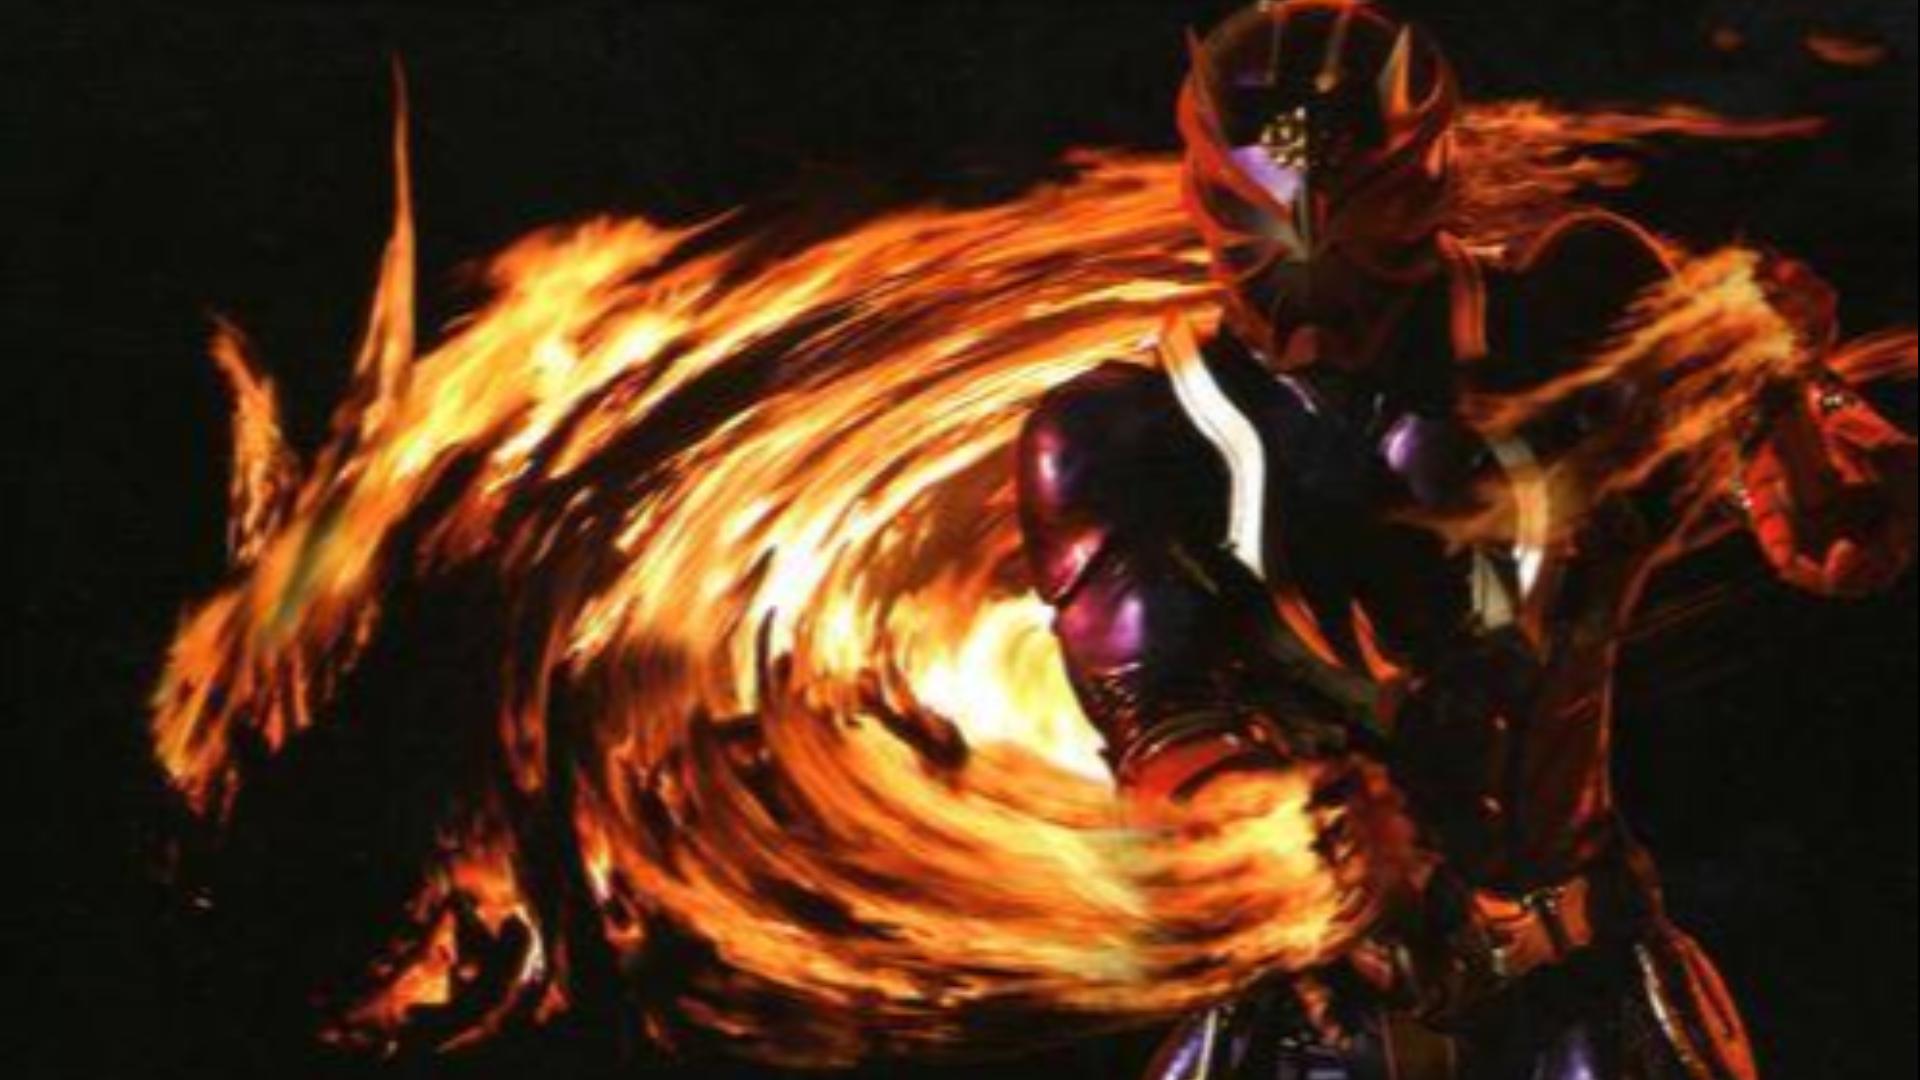 【假面骑士MAD系列】反复回响的声音 献给最初的你 假面骑士响鬼MAD第一篇